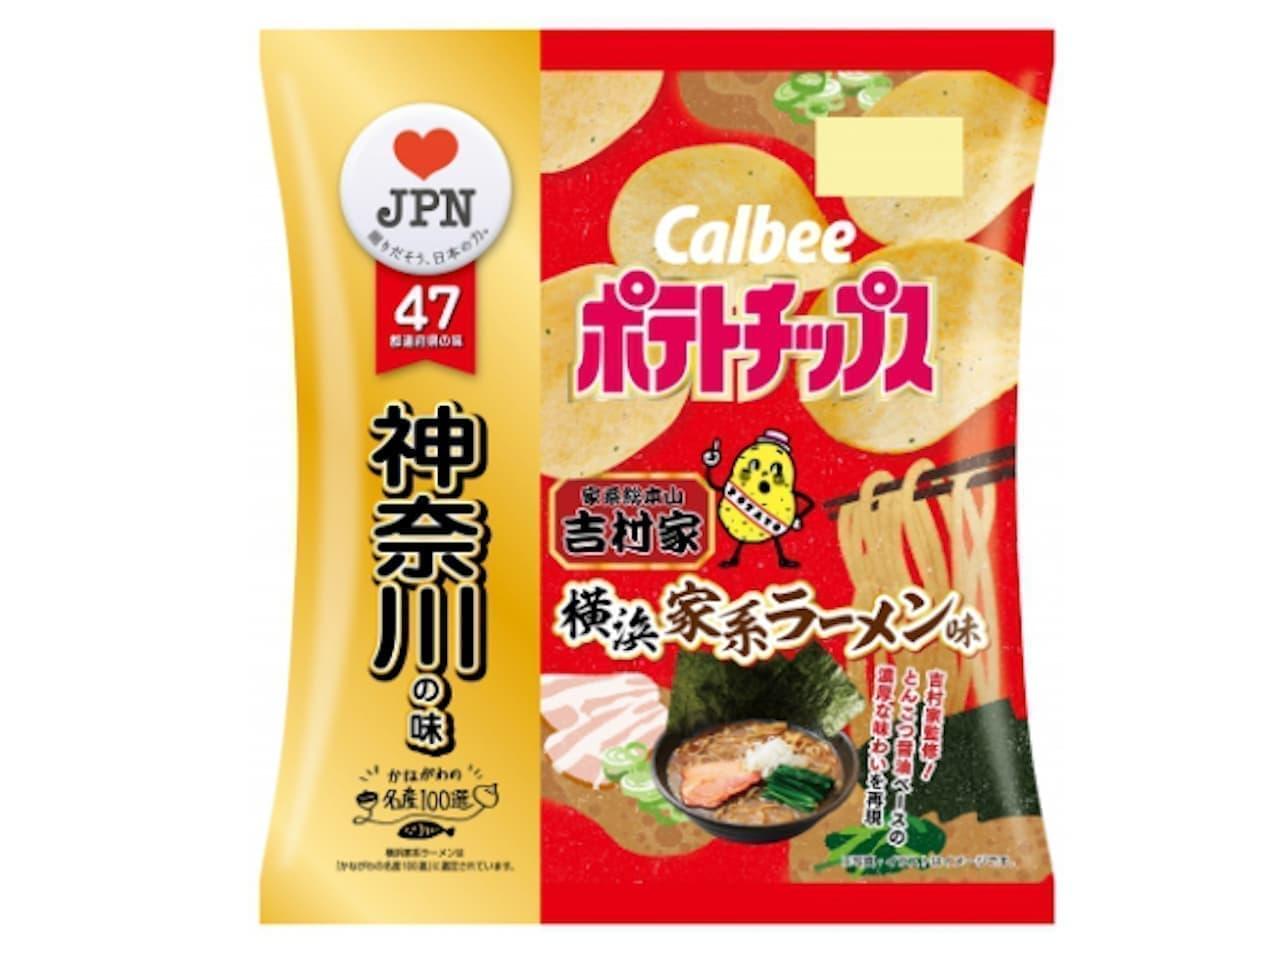 吉村家監修「ポテトチップス 横浜家系ラーメン味」